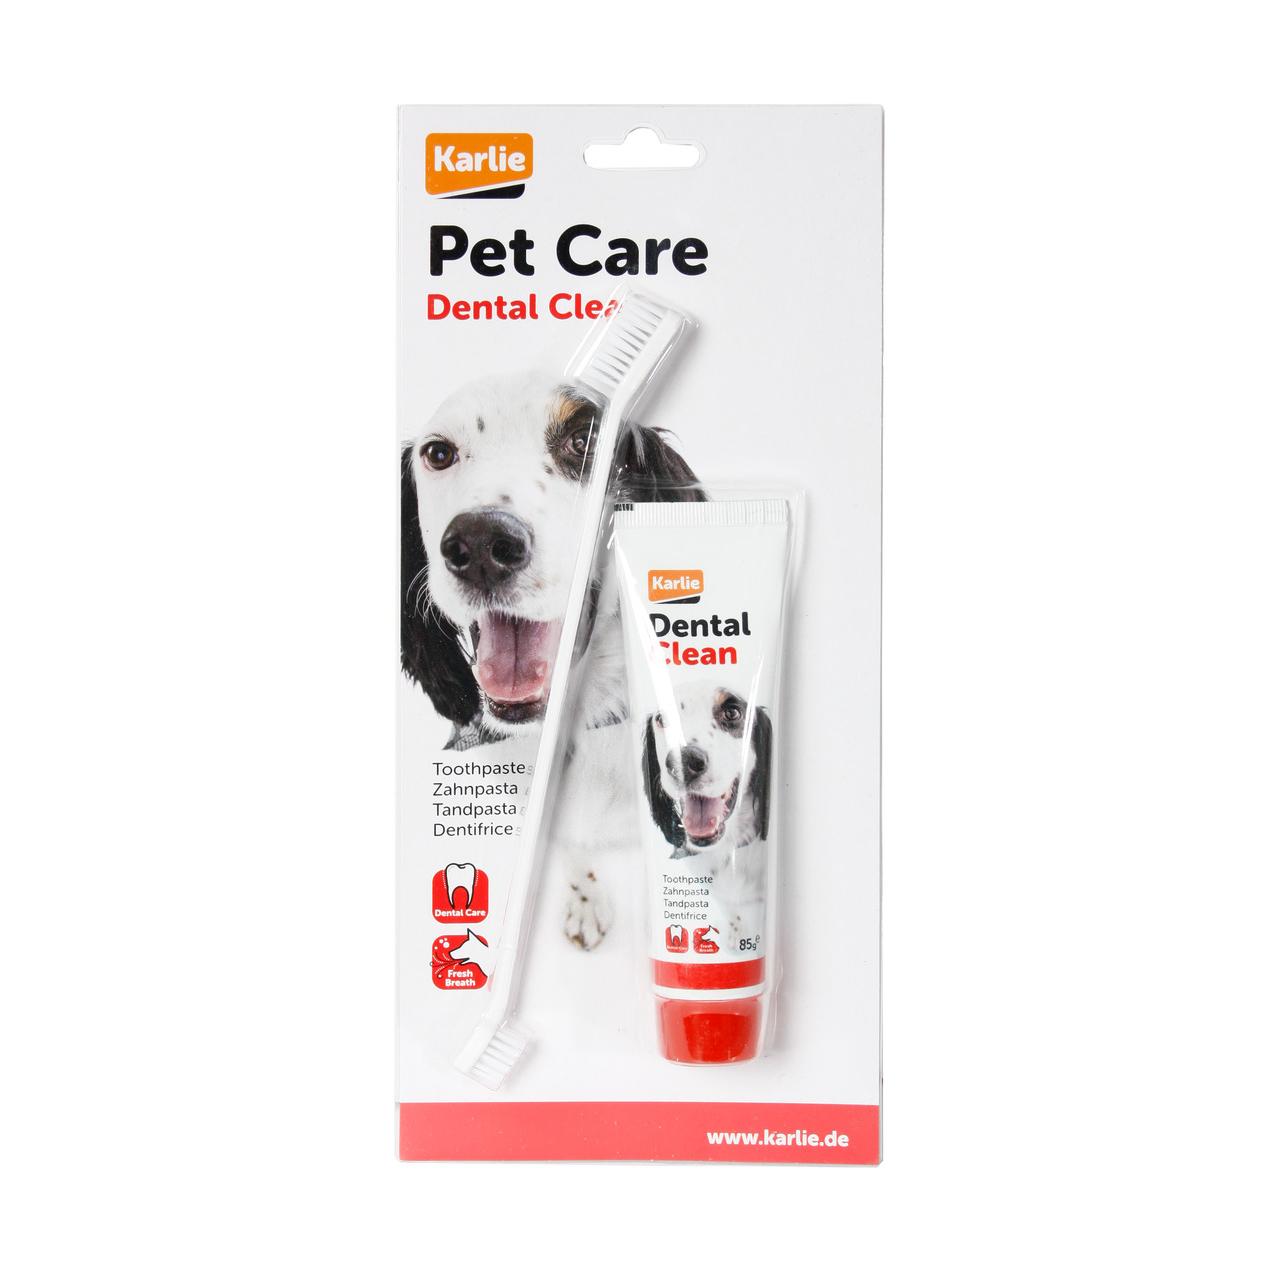 Karlie Petcare Zahnpasta mit Bürste für Hunde, Zahnpasta mit Bürste 85 g